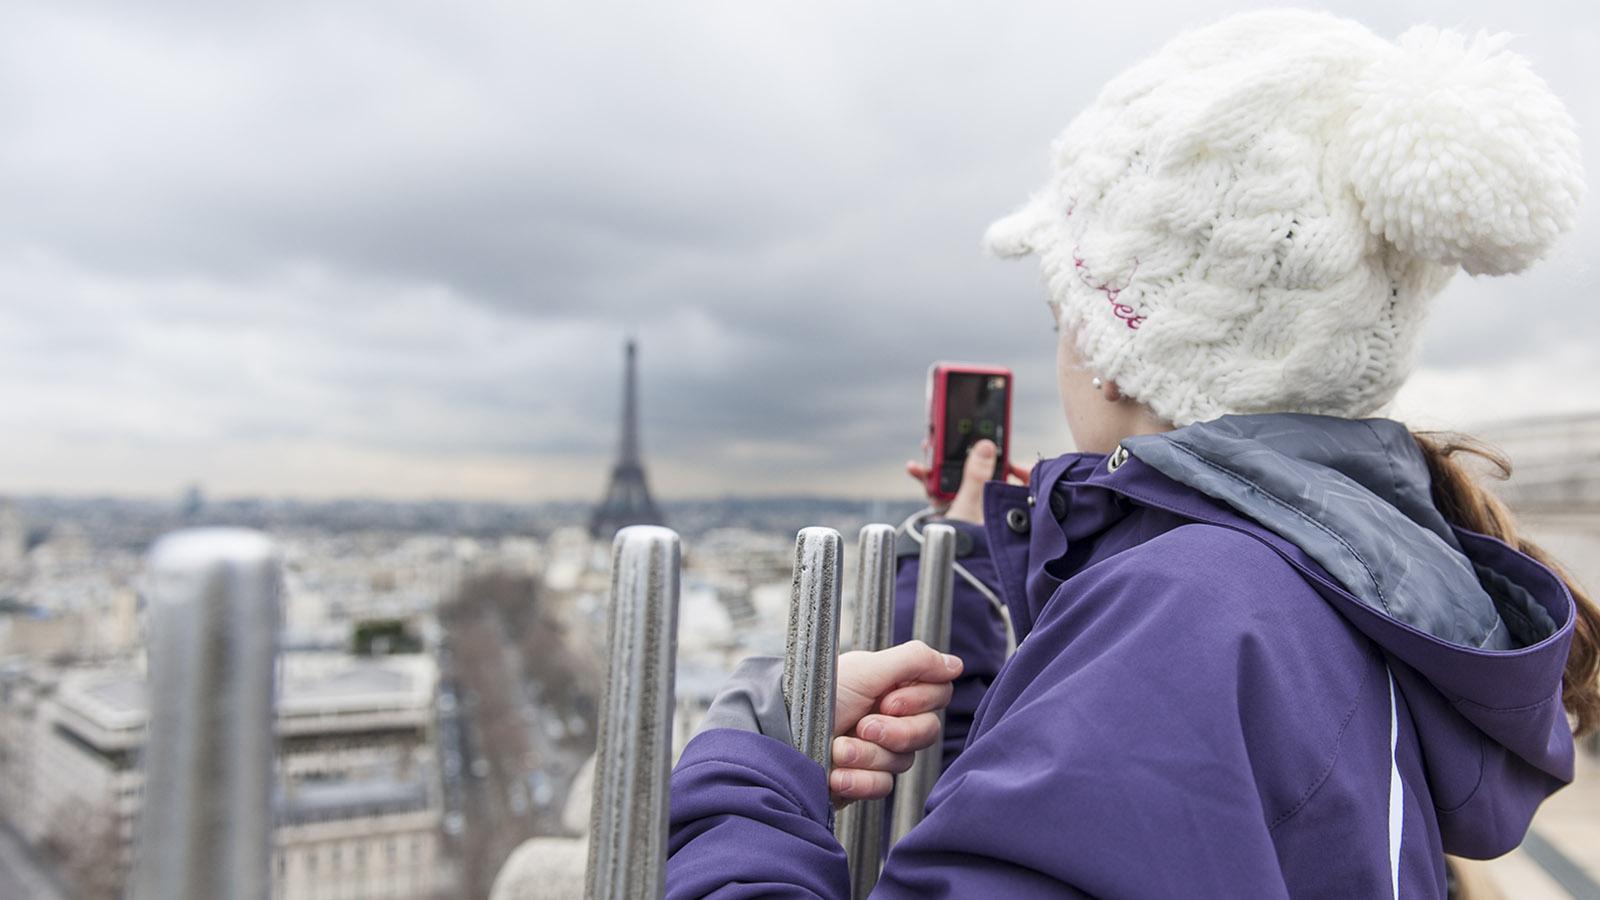 Vom Arc de Triomphe habt ihr einen unverstellten Blick auf den Eiffelturm. Foto: Hilke Maunder